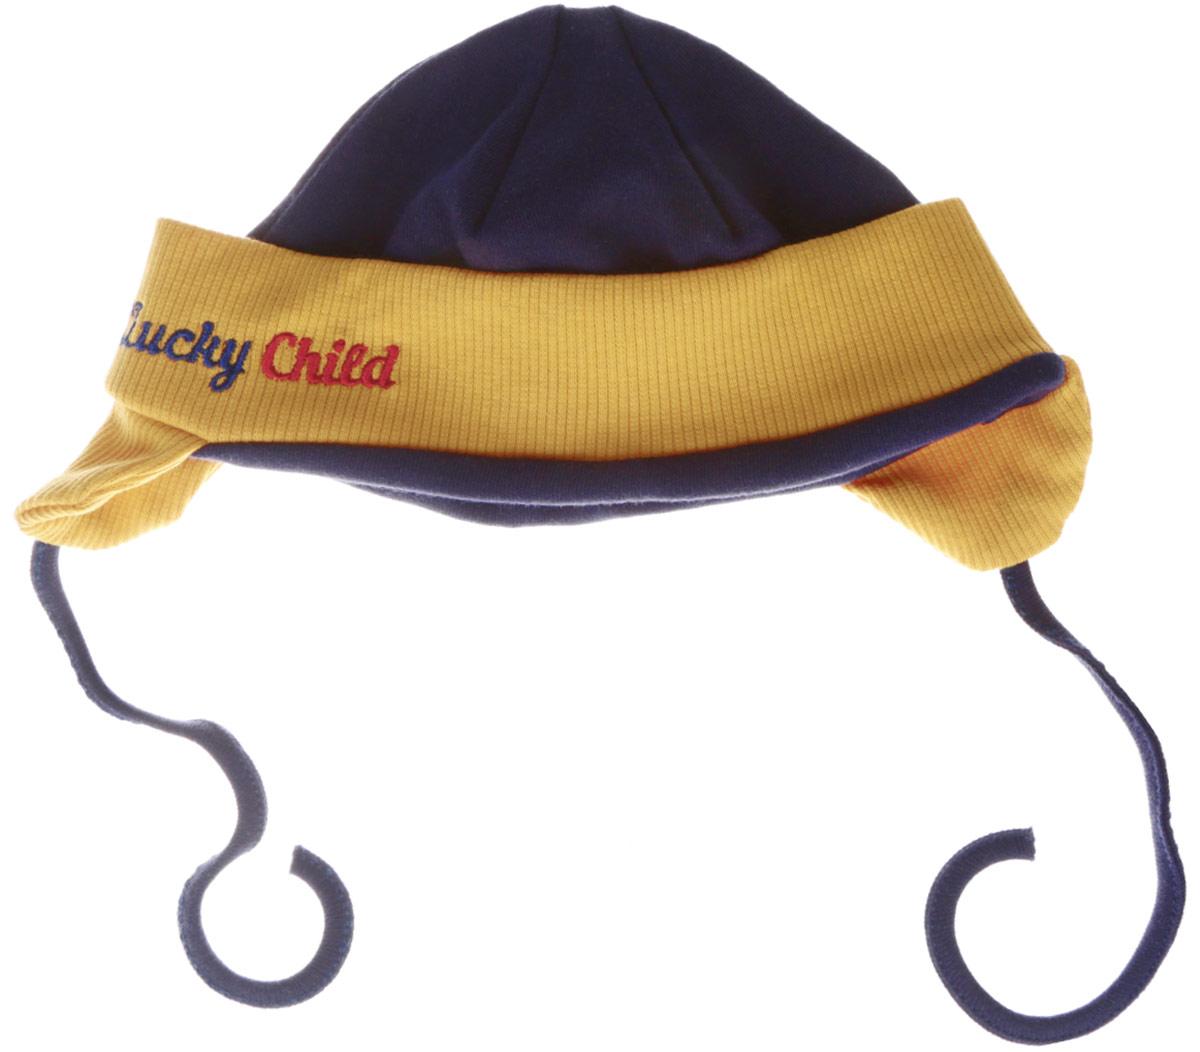 Шапочка27-91Шапочка для мальчика Lucky Child Мужички защищает еще не заросший родничок от ветра и солнца. Изготовленная из натурального хлопка, она необычайно мягкая и легкая, не раздражает нежную кожу ребенка и хорошо вентилируется. Шапочка фиксируется на голове малыша с помощью завязок. Плоские швы не мешают крохе и обеспечивают максимальный комфорт. Модель дополнена ушками и отворотом контрастного цвета, оформленным вышивкой в виде названия бренда. Уважаемые клиенты! Обращаем ваше внимание на тот факт, что размер изделия, доступный для заказа, равен обхвату головы.